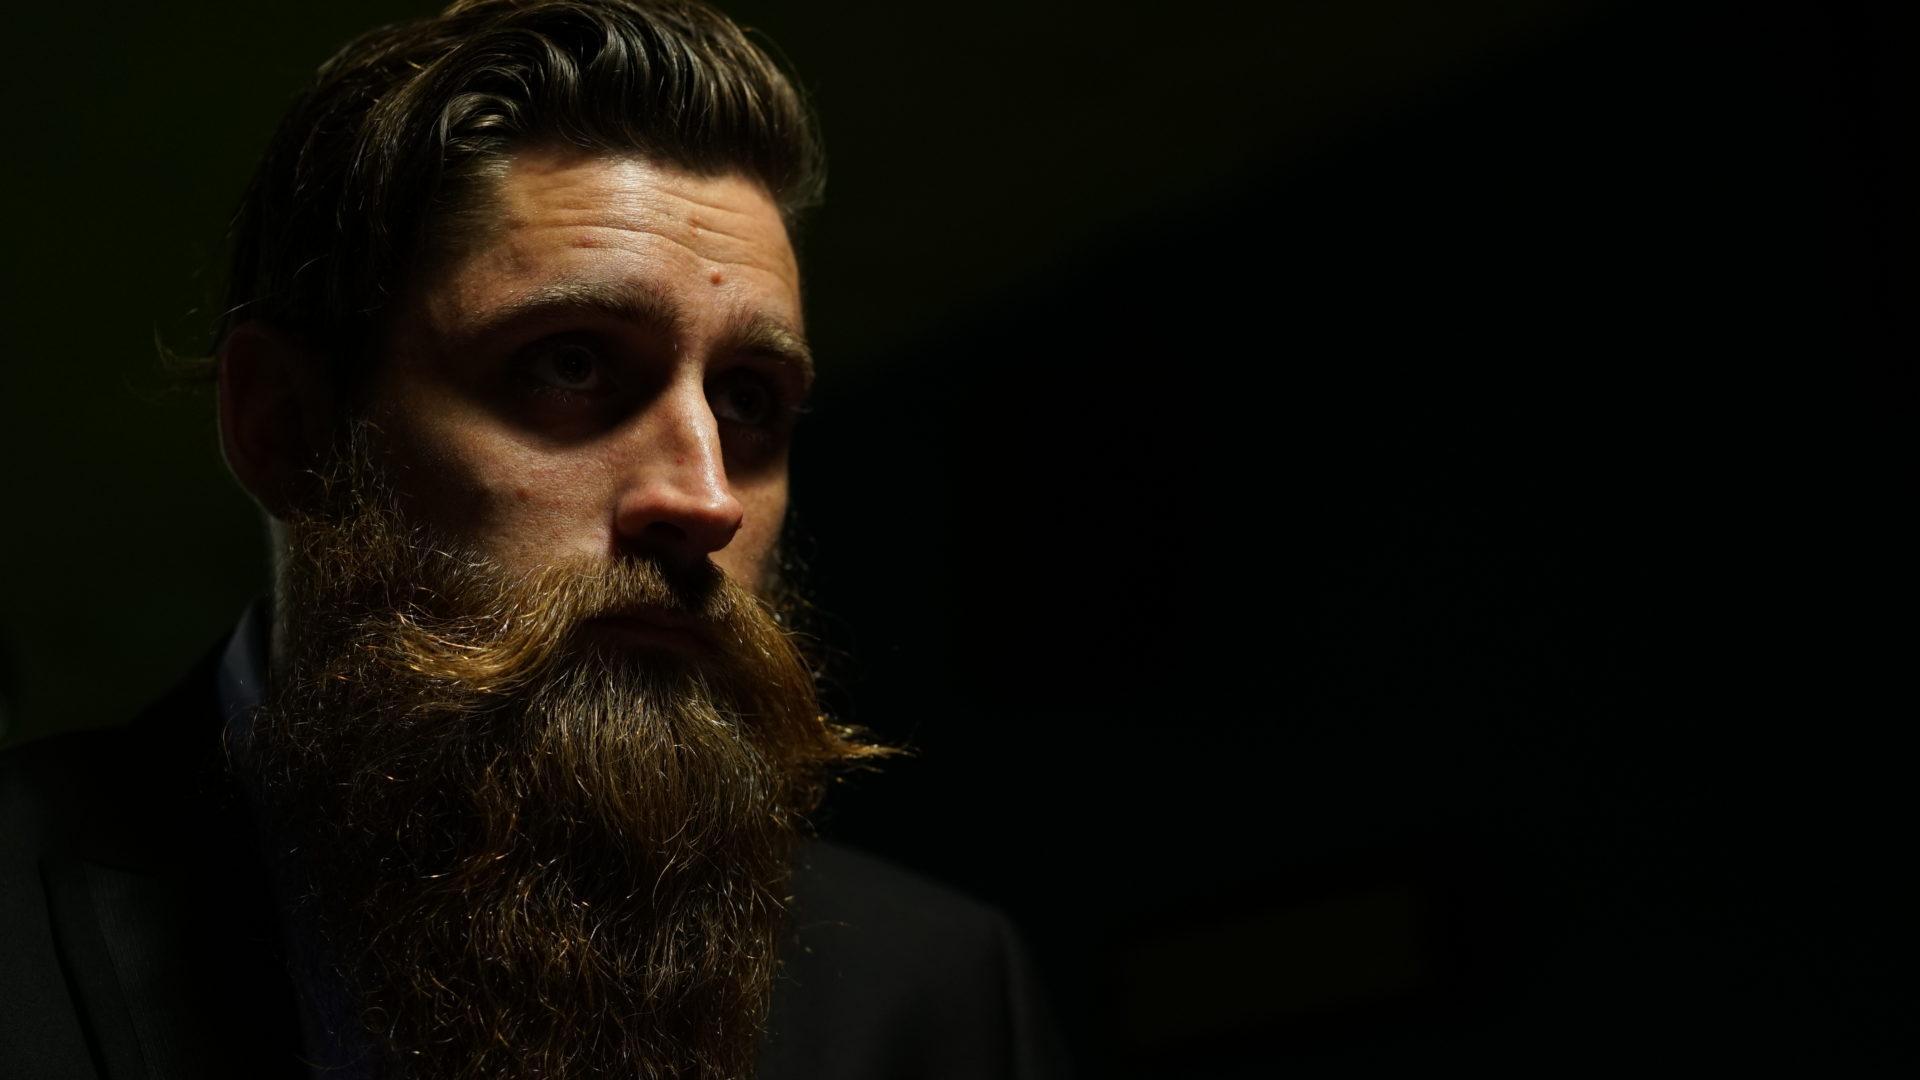 Борода опасна для здоровья